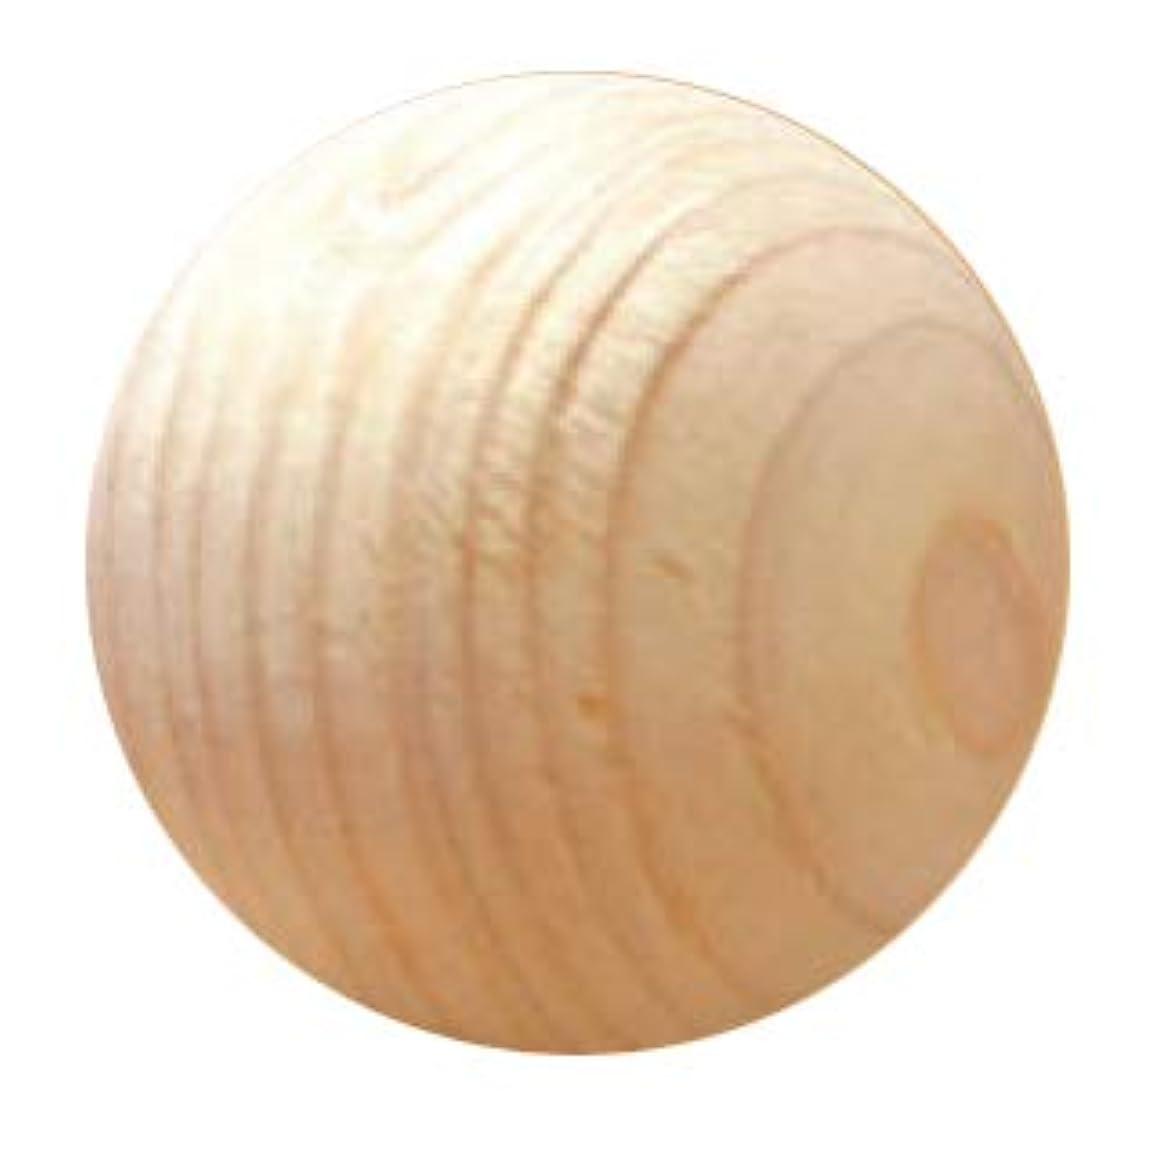 レンドヨーグルト教えて1個から購入可能!国産ヒノキを使ったヒノキボール 檜ボール 桧ボール ひのきボール 玉